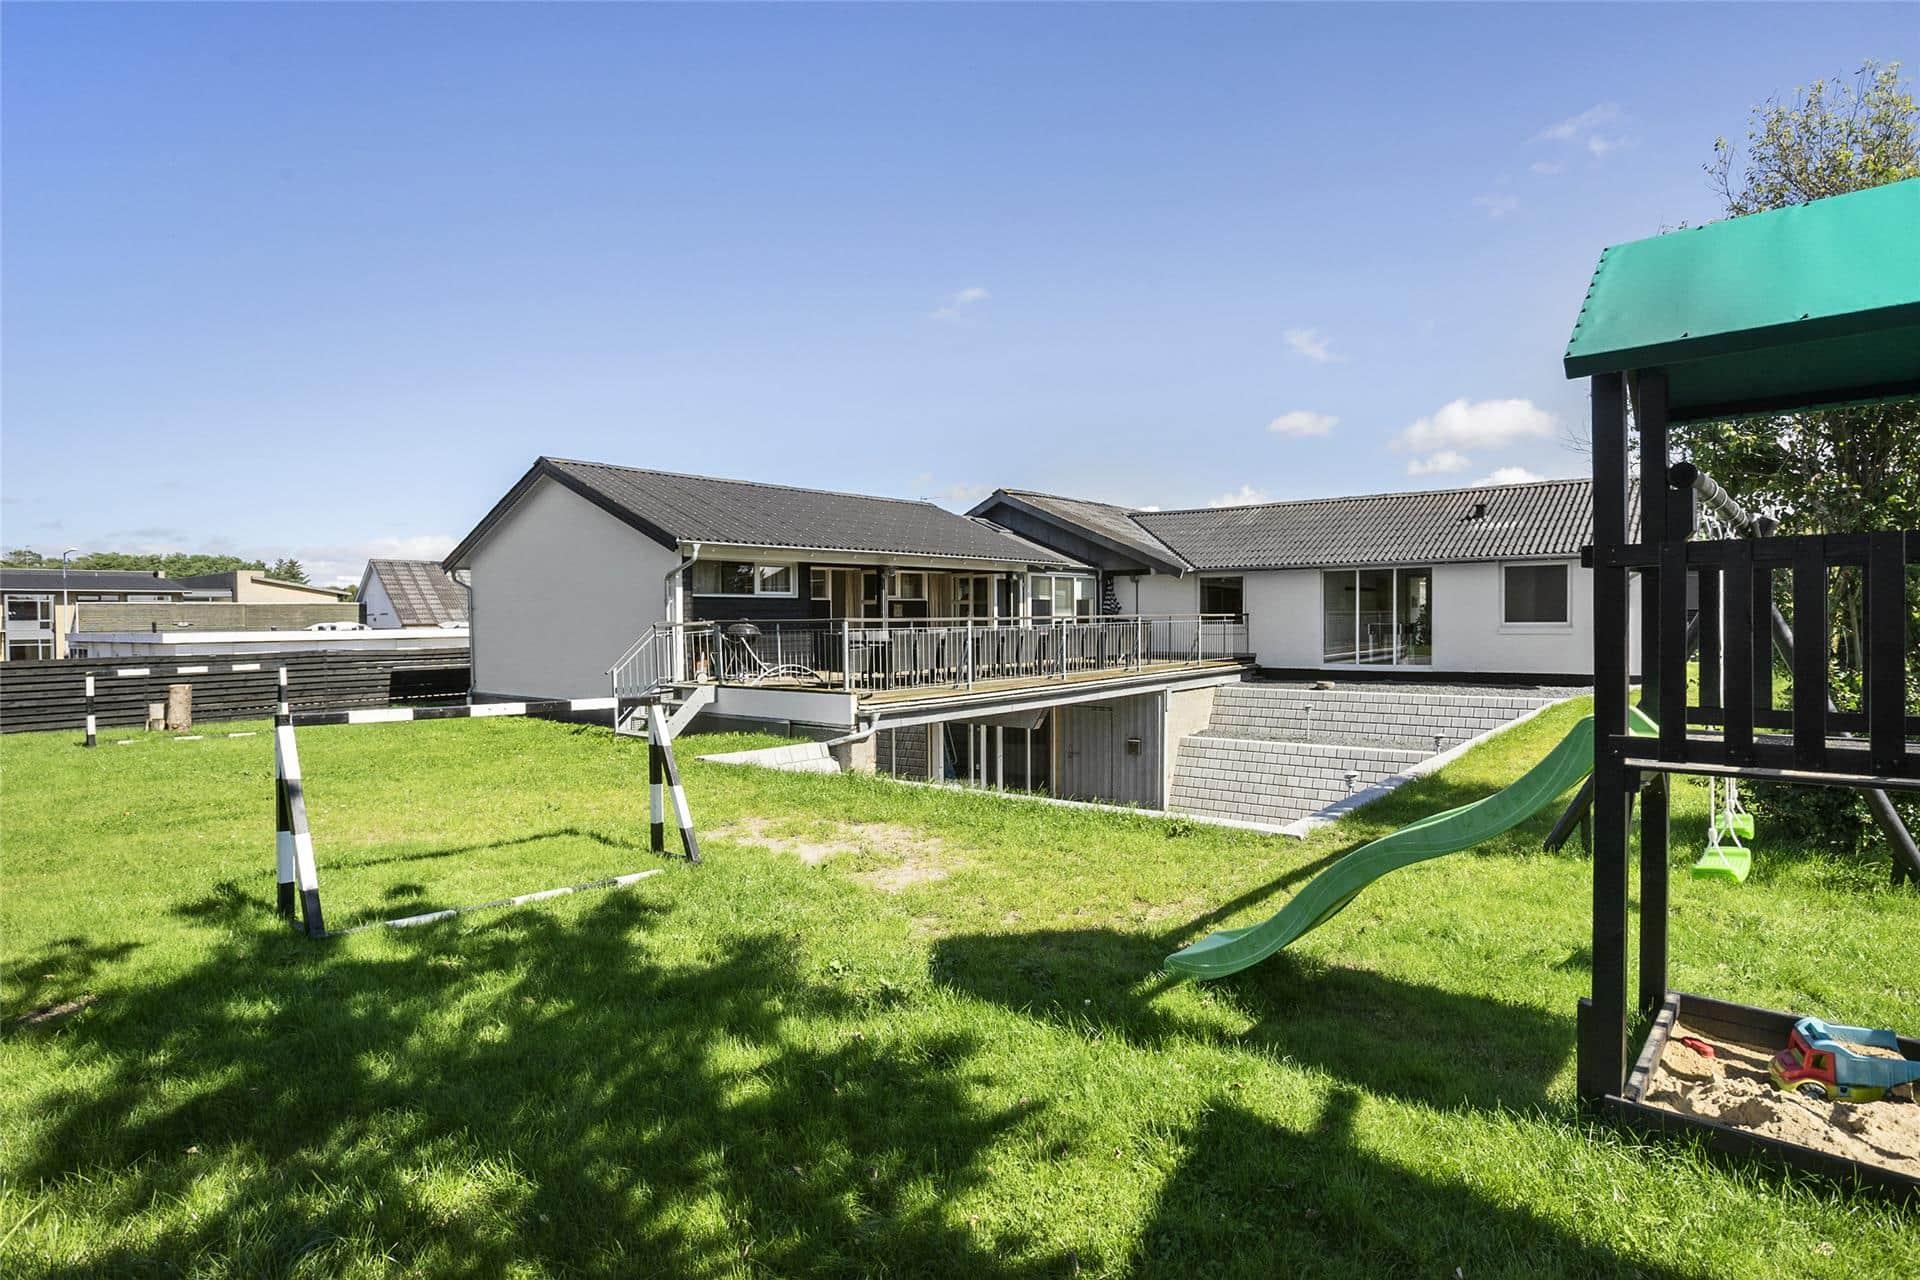 Billede 1-14 Sommerhus 1132, Jonstrupvej 4, DK - 9492 Blokhus